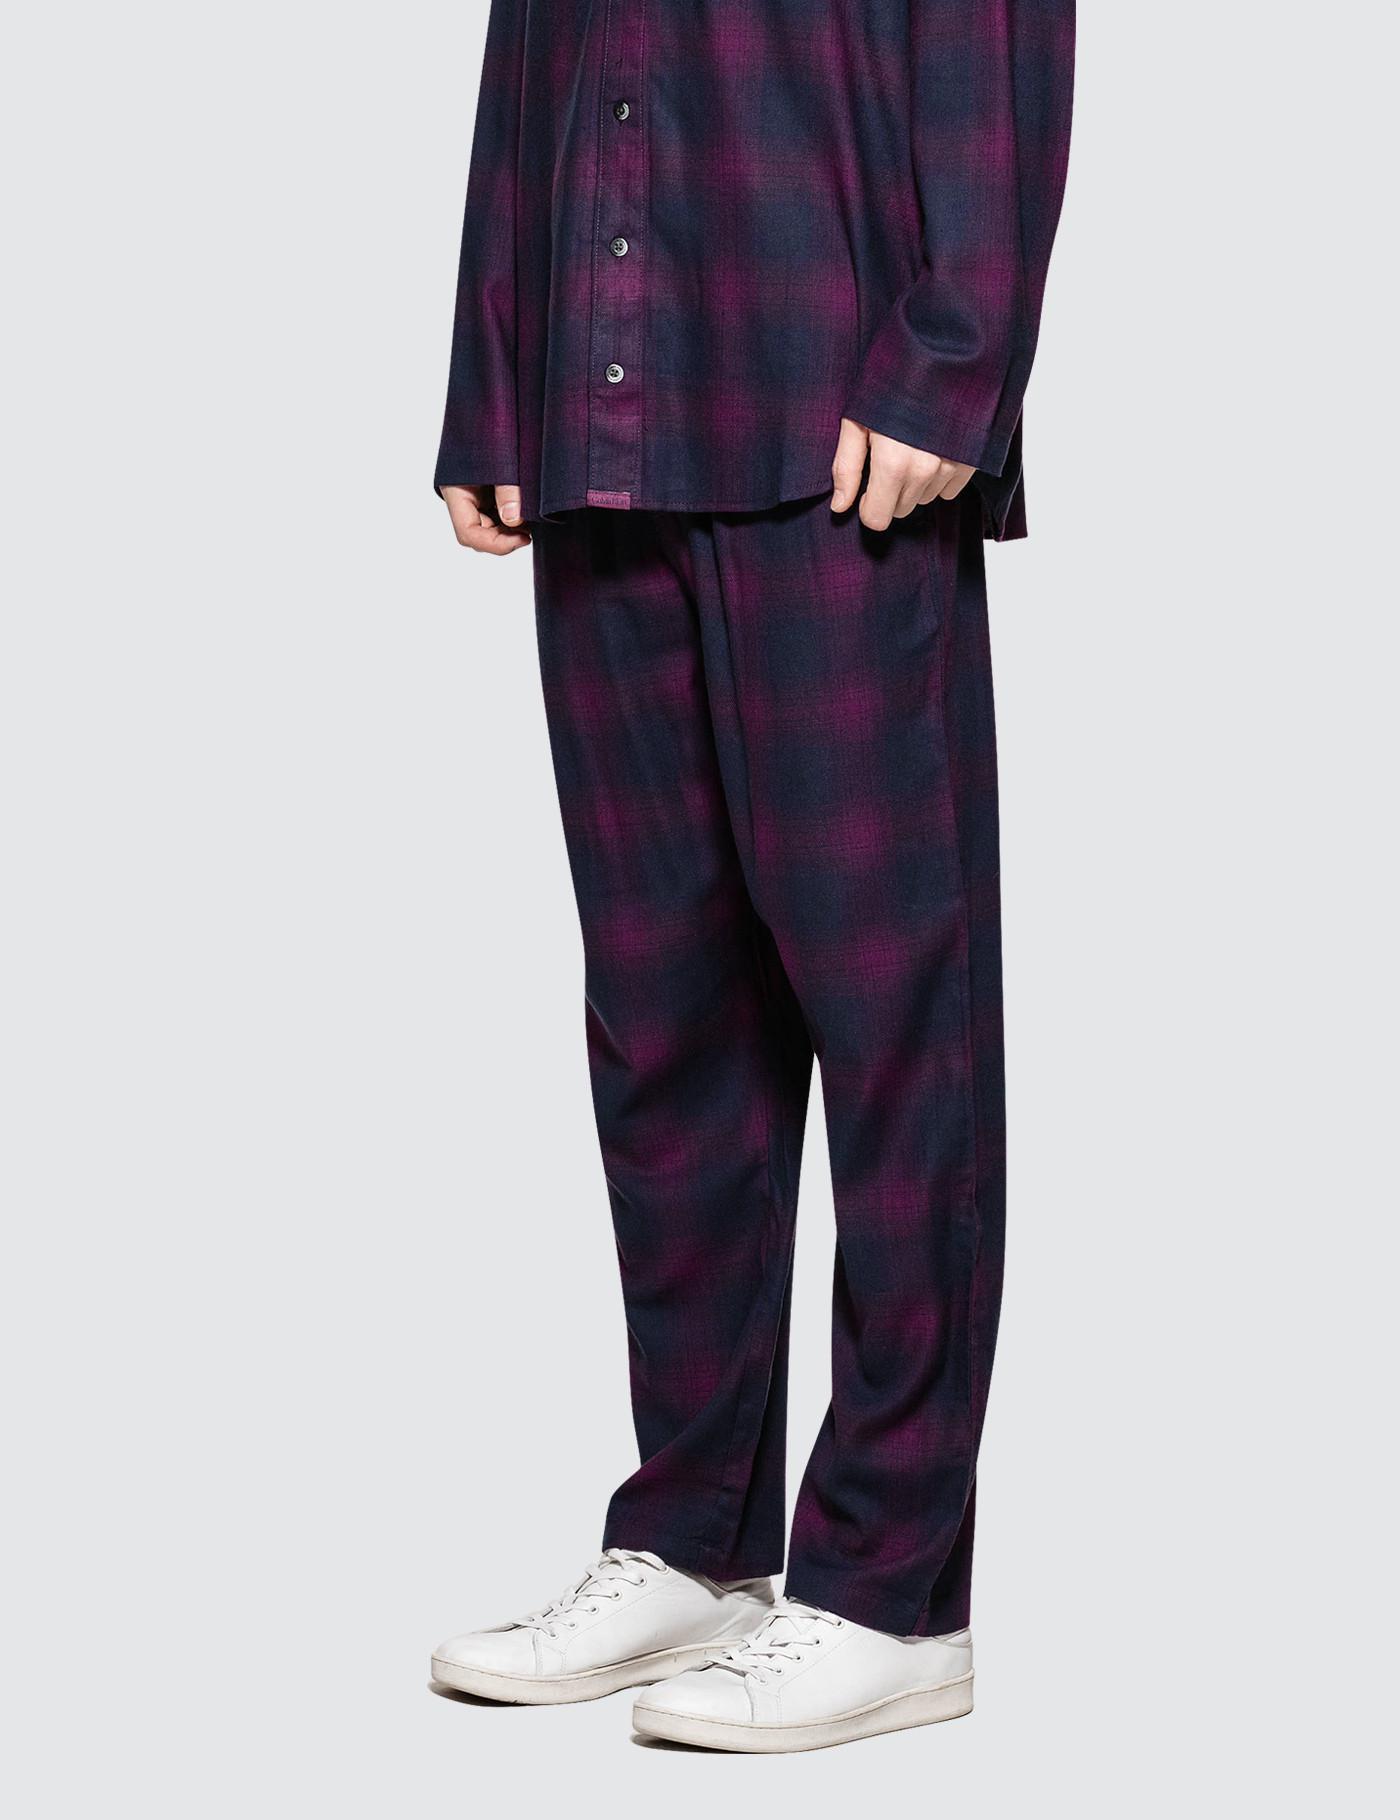 Calvin Klein Flannel Sleeping Pants in Purple for Men - Lyst 9d57fc721